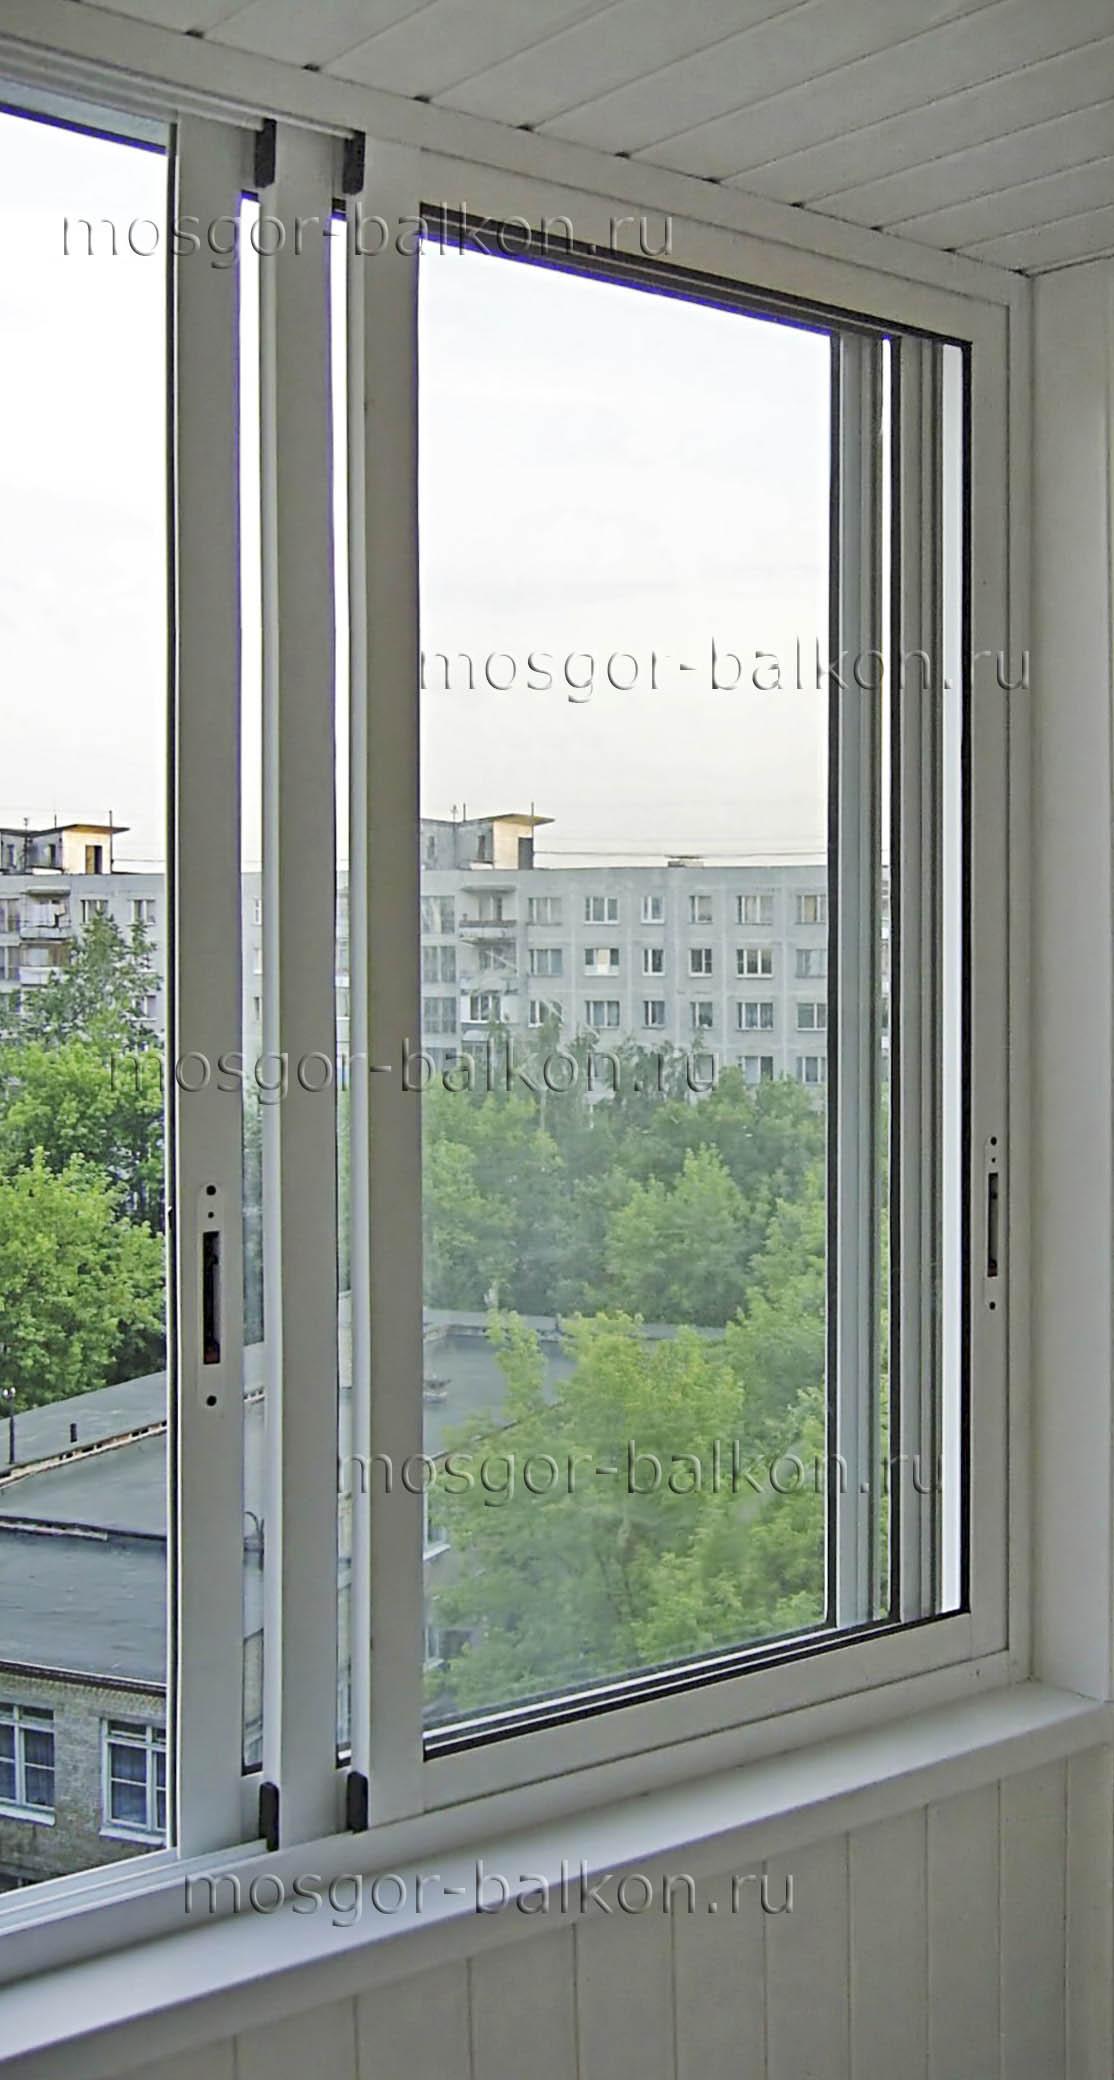 Алюминиевое остекление балконов. остекление балконов алюмини.